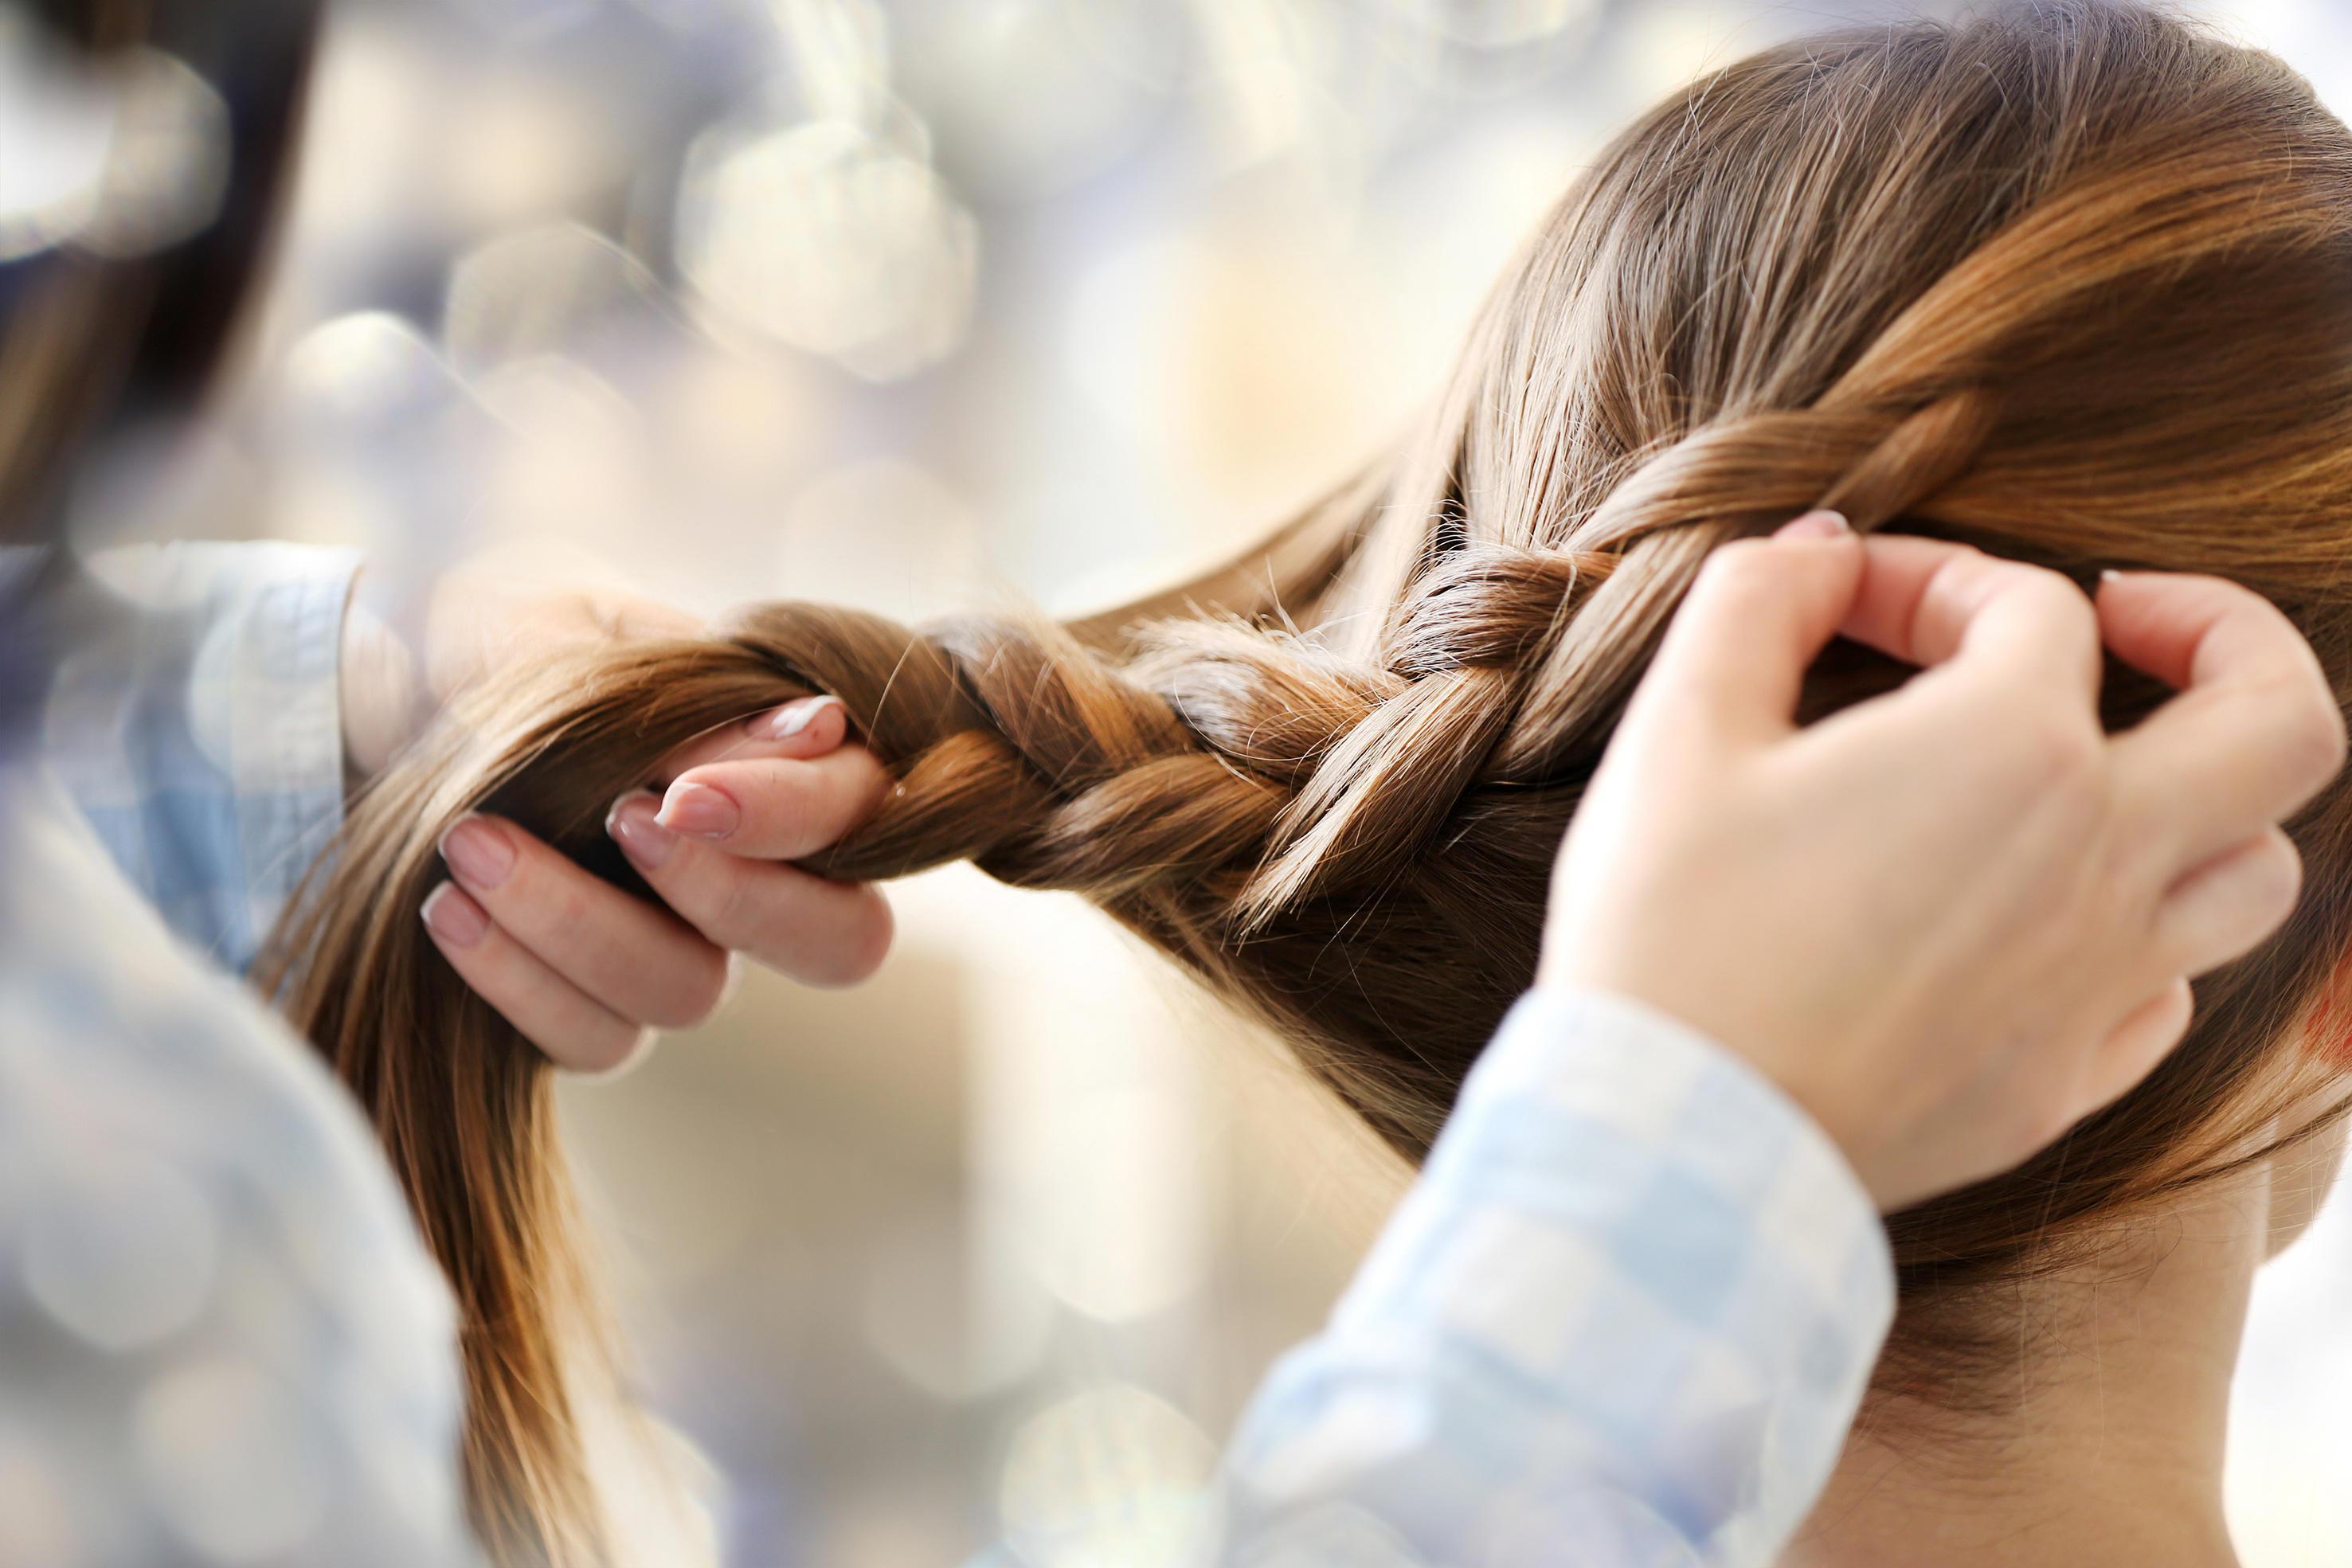 Angesagte Flechtfrisuren für jede Haarlänge